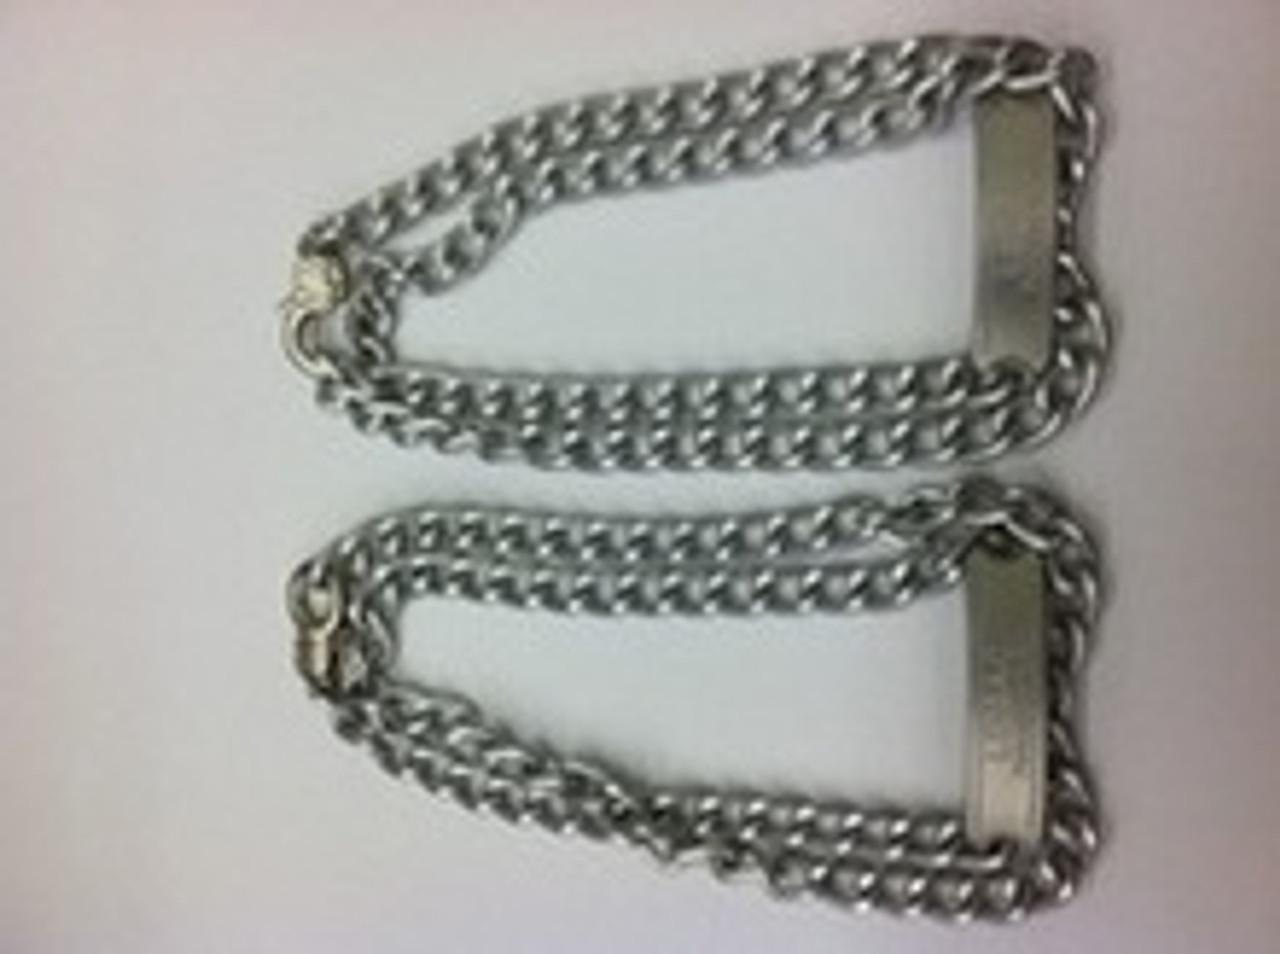 Lobac Pain Relief Bracelet Anklet  x 2